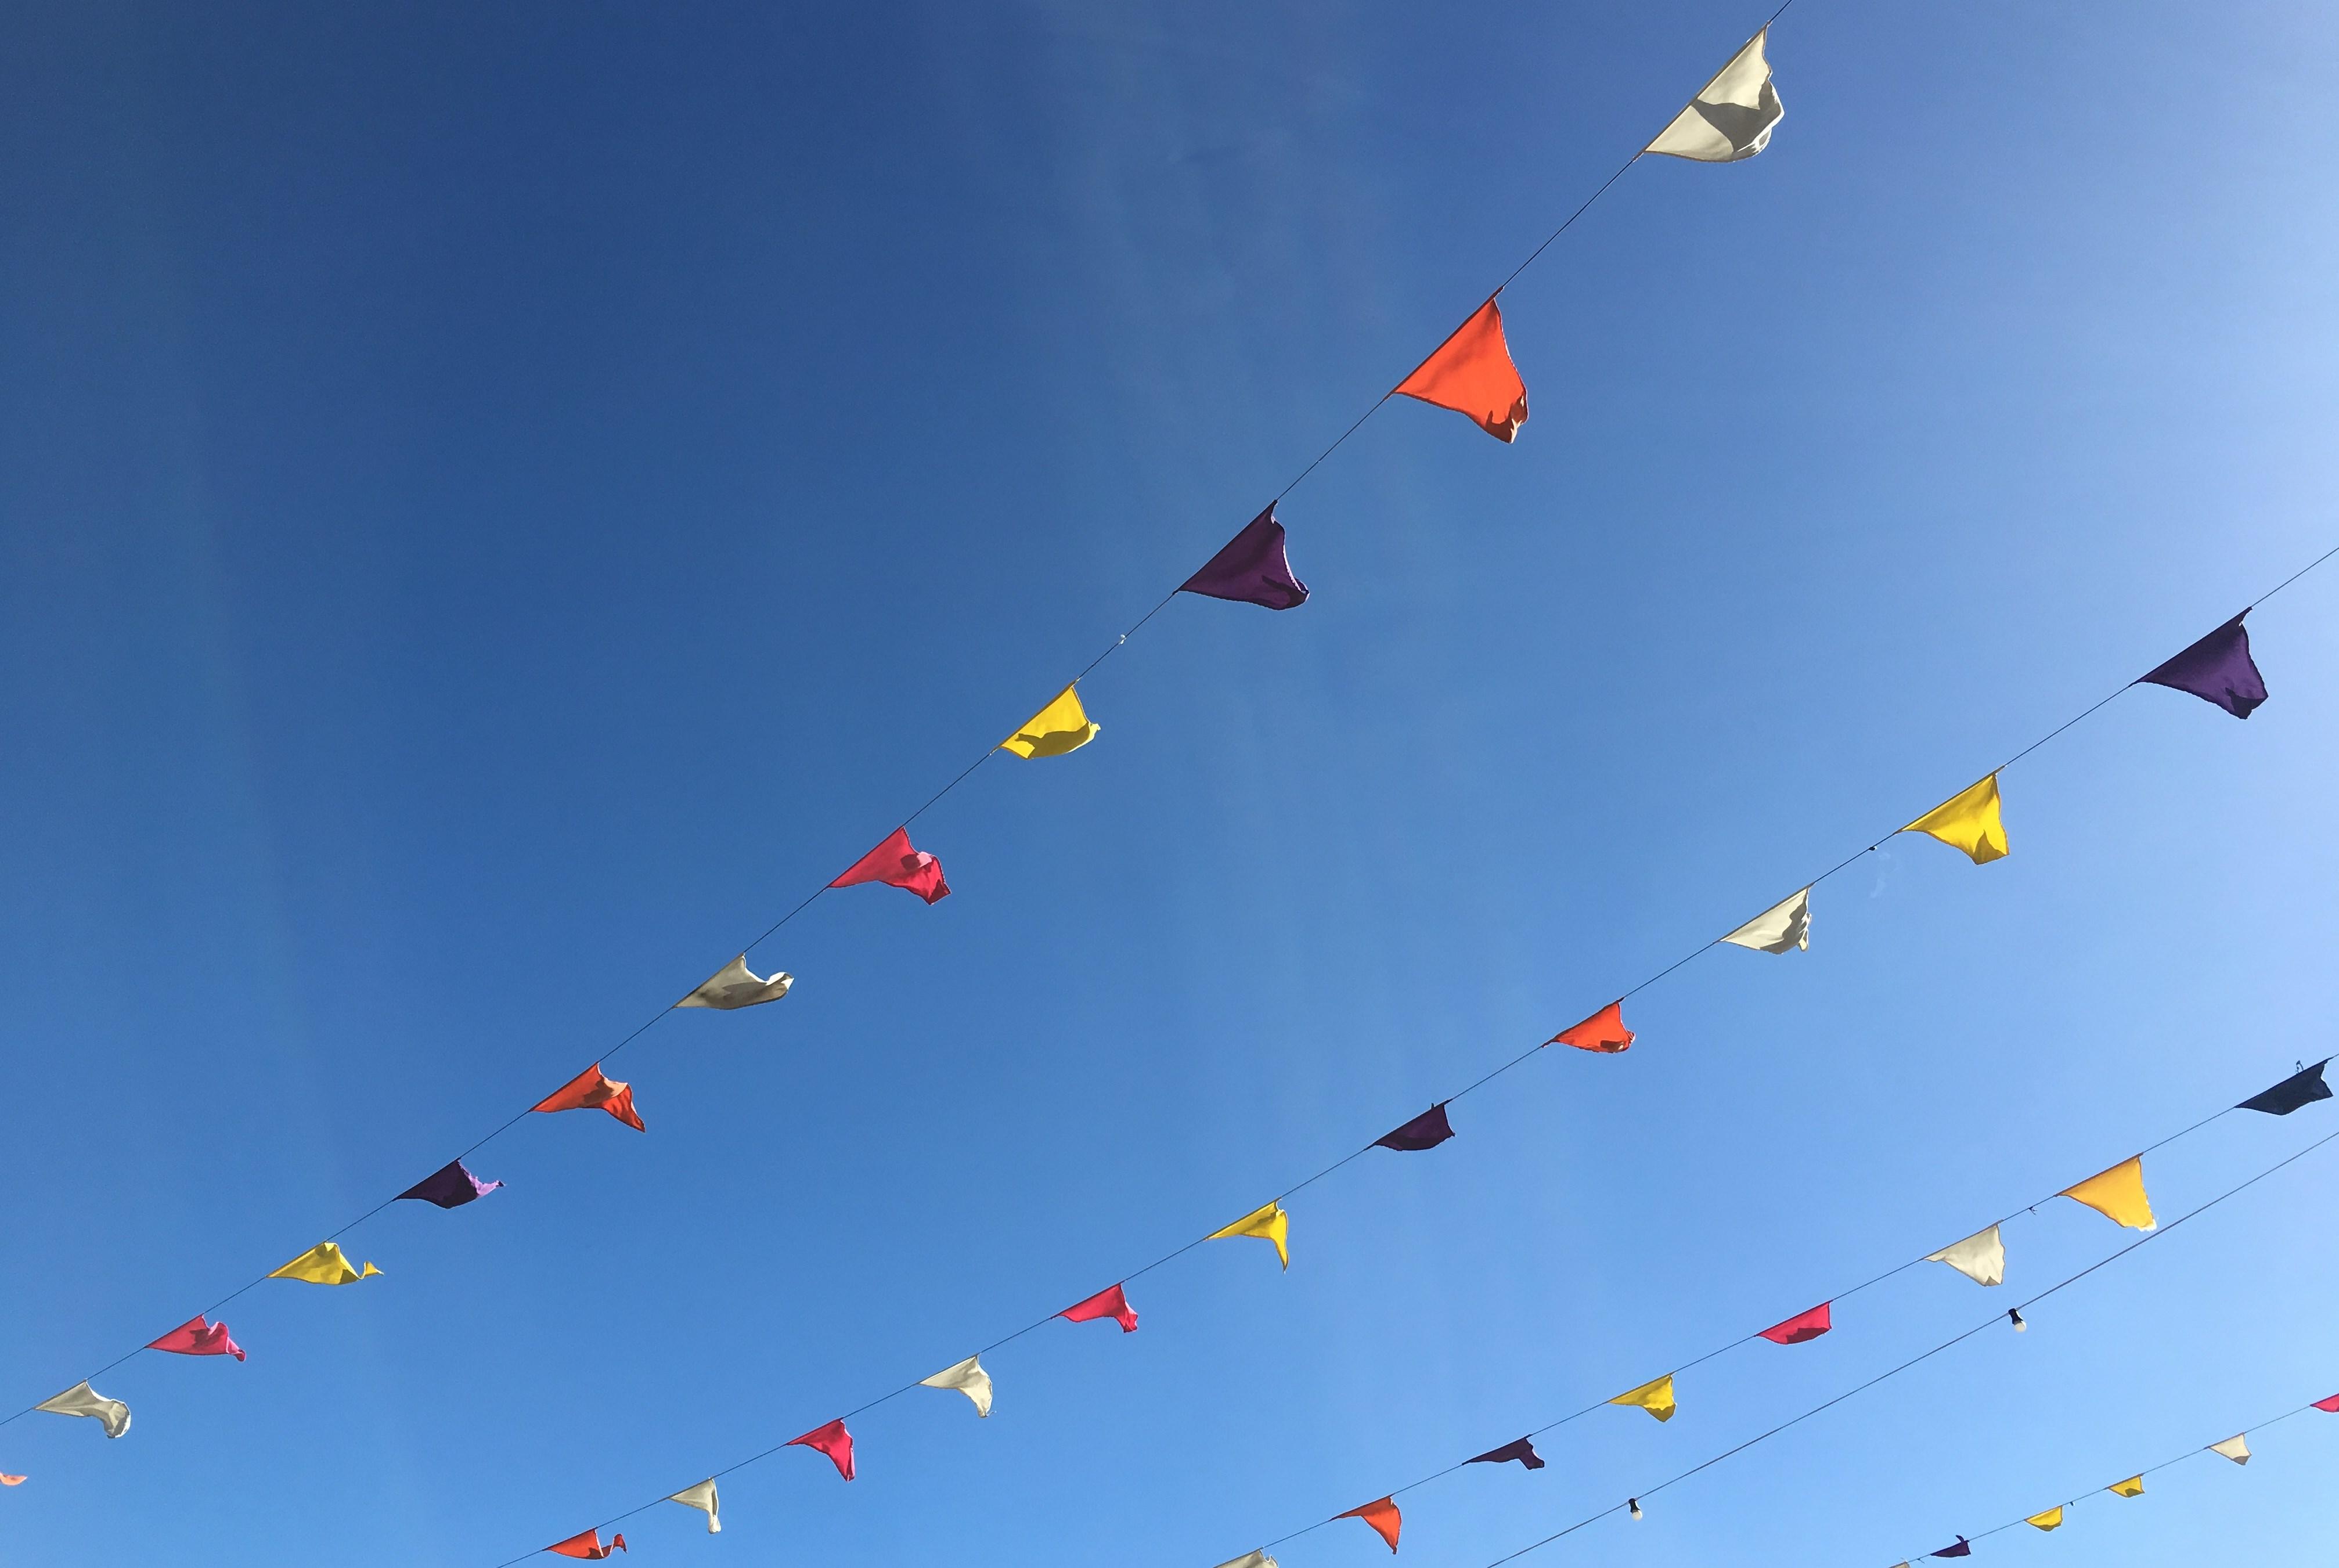 Blauer Himmel und Sonnenschein - selbst im Winter ist das Wetter auf Teneriffa gut.